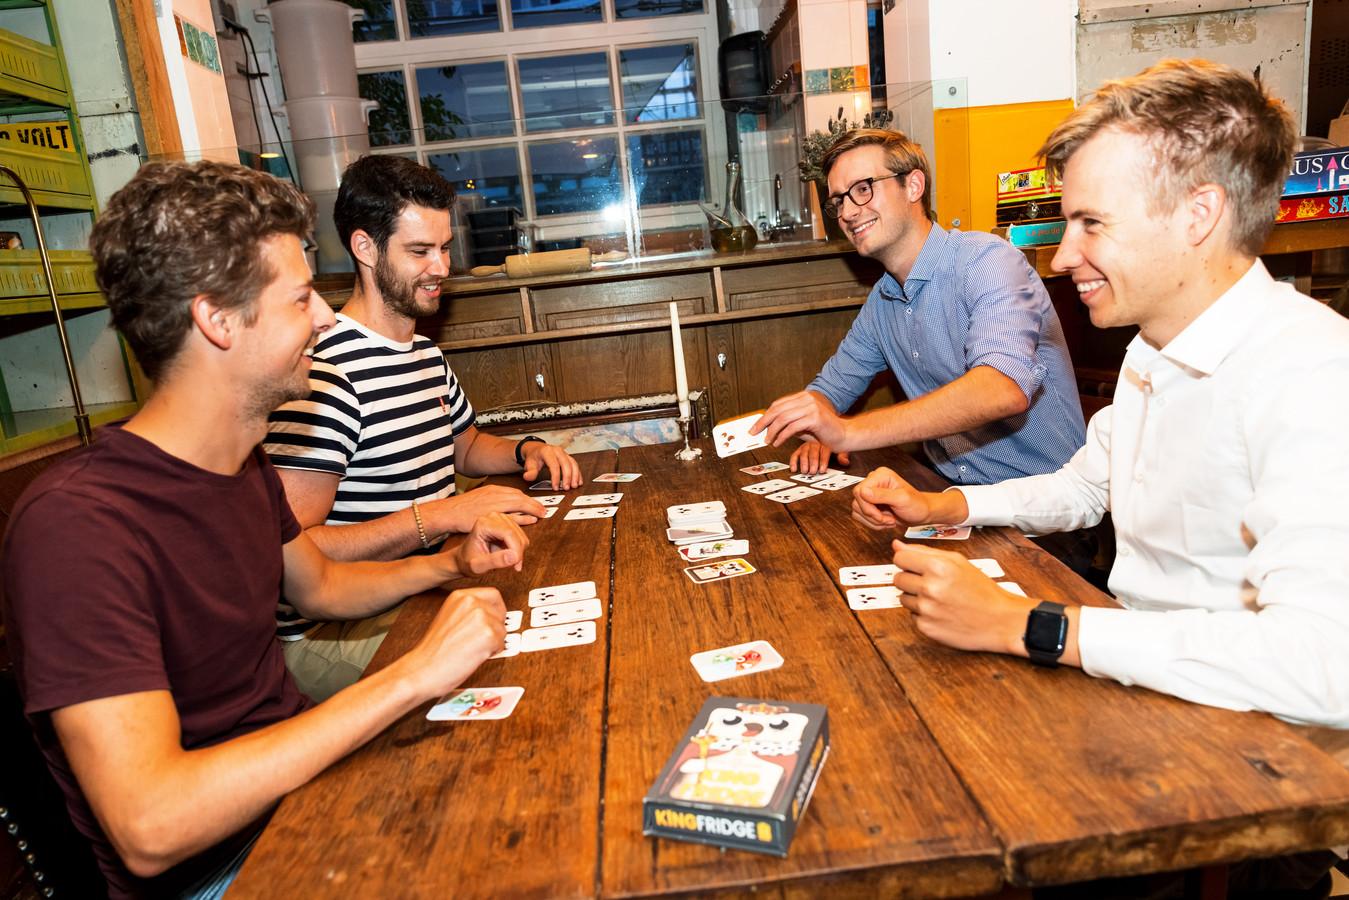 Vier Eindhovense studievrienden hebben een kaartspel uitgebracht: King Fridge. Vlnr: Niels, Sjoerd, Koen en Dennis.